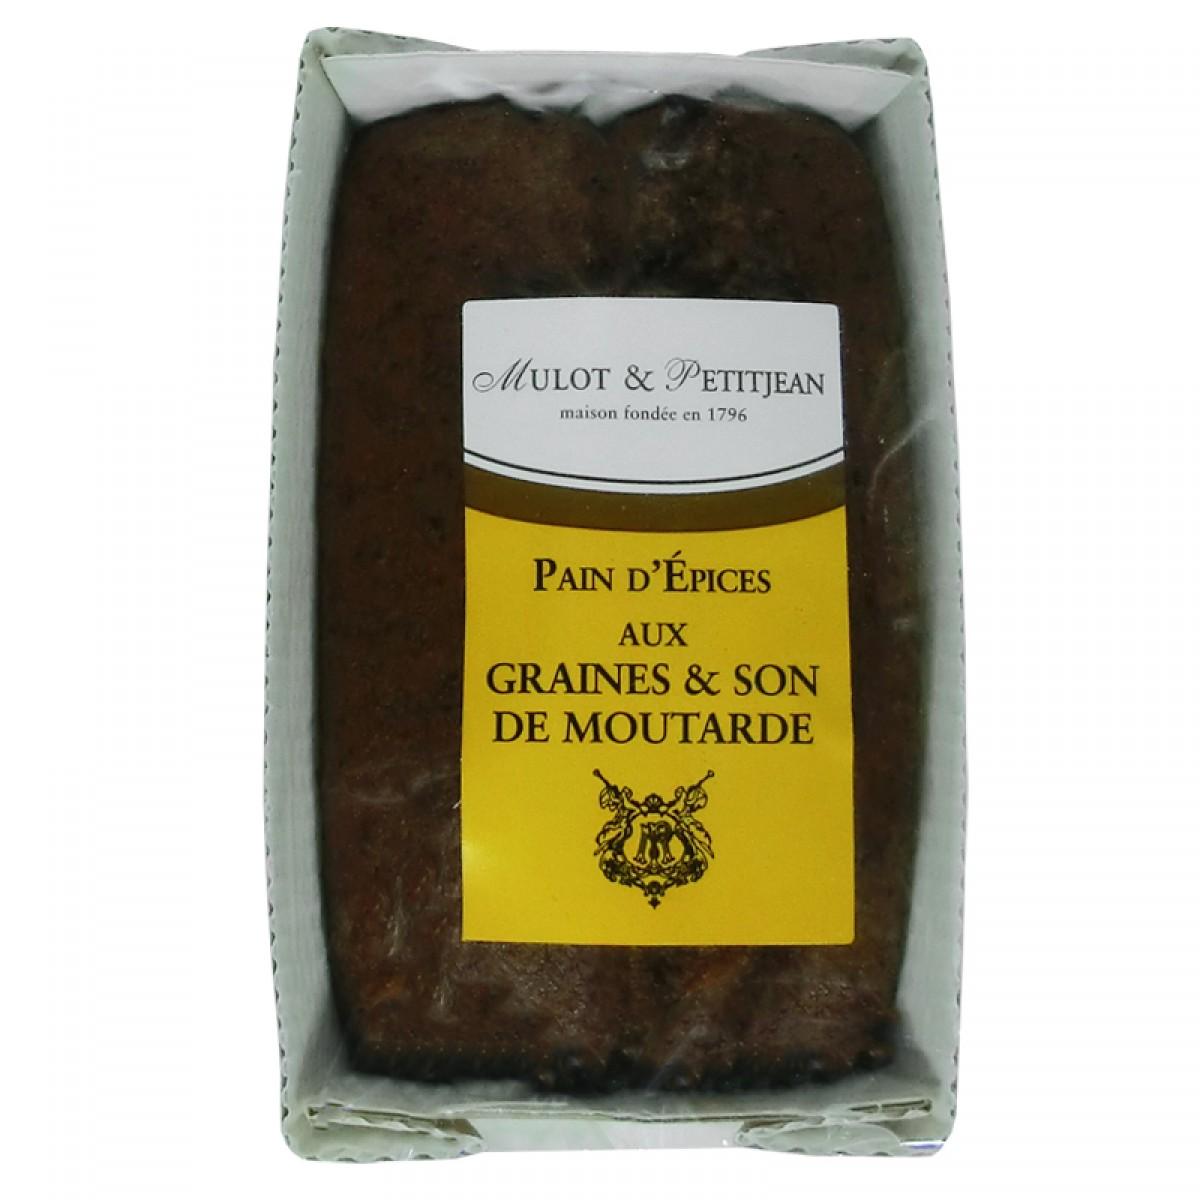 Pain d 39 pices aux graines et son de moutarde 180g saveurs de bourgogne - Moutarde fallot vente ...